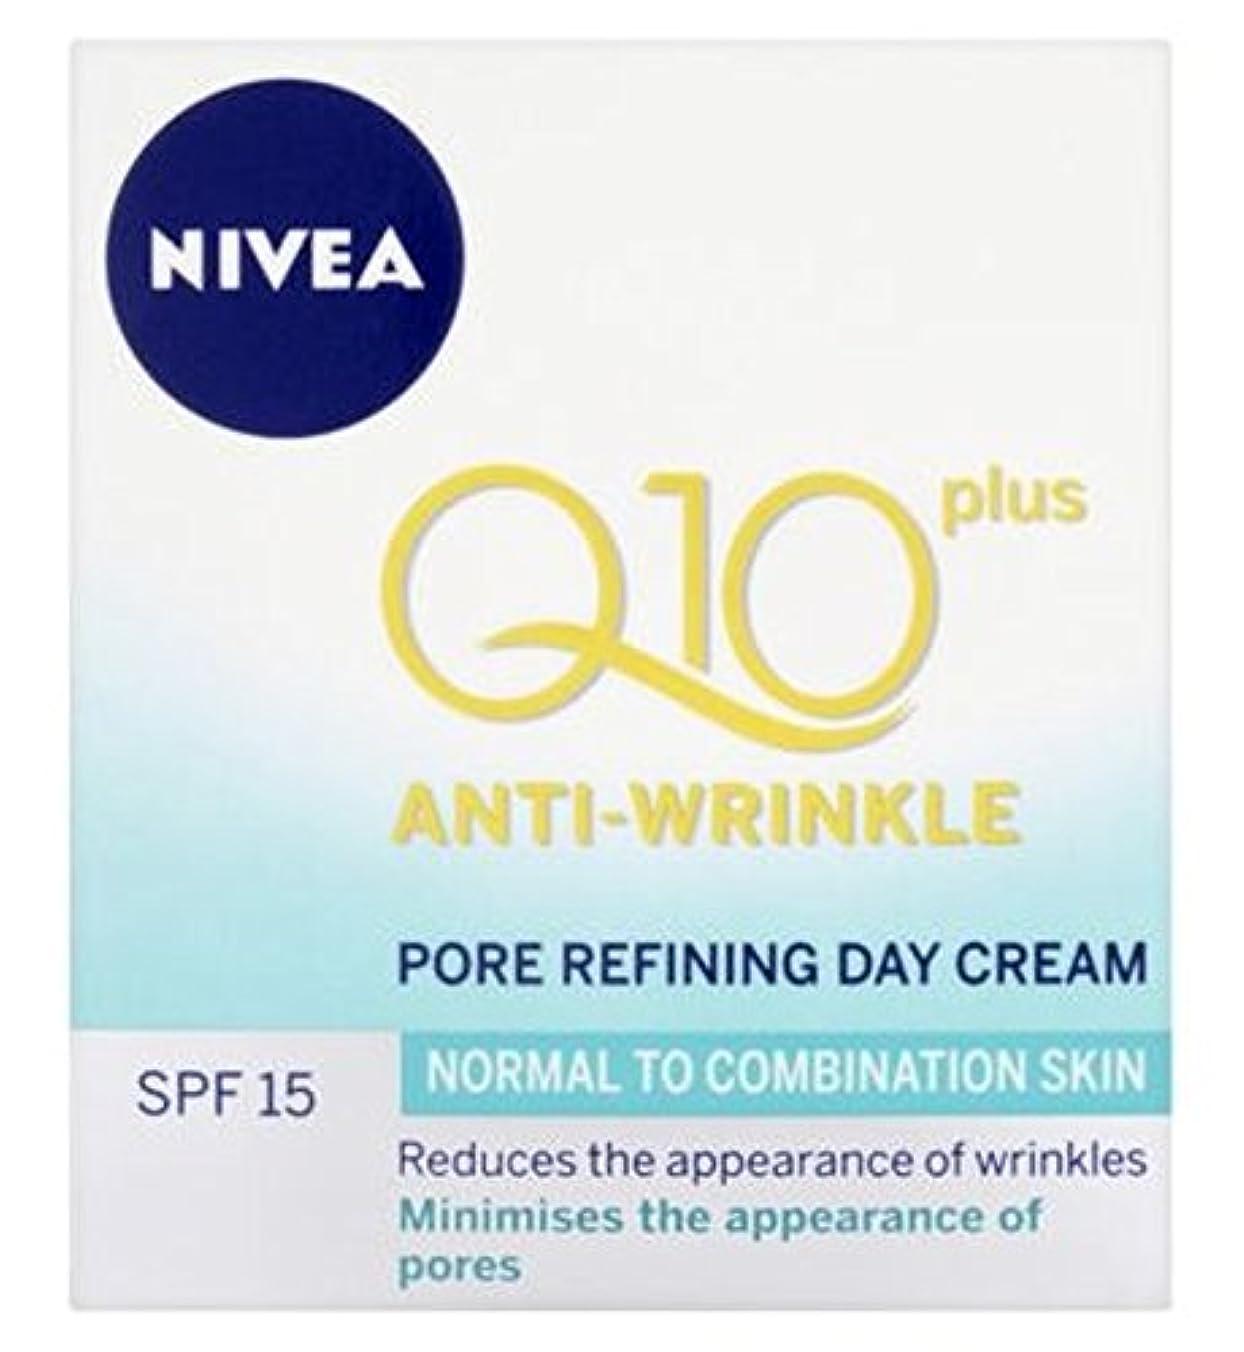 火山の疑問を超えてうぬぼれたNivea Daily Essentials Q10 Plus Anti-Wrinkle Pore Refining Day Cream For Normal to Combination Skin SPF15 50ml - 混合肌のSpf15の50ミリリットルに、通常のためのニベア生活必需品のQ10プラス抗しわポアリファイニングデイクリーム (Nivea) [並行輸入品]